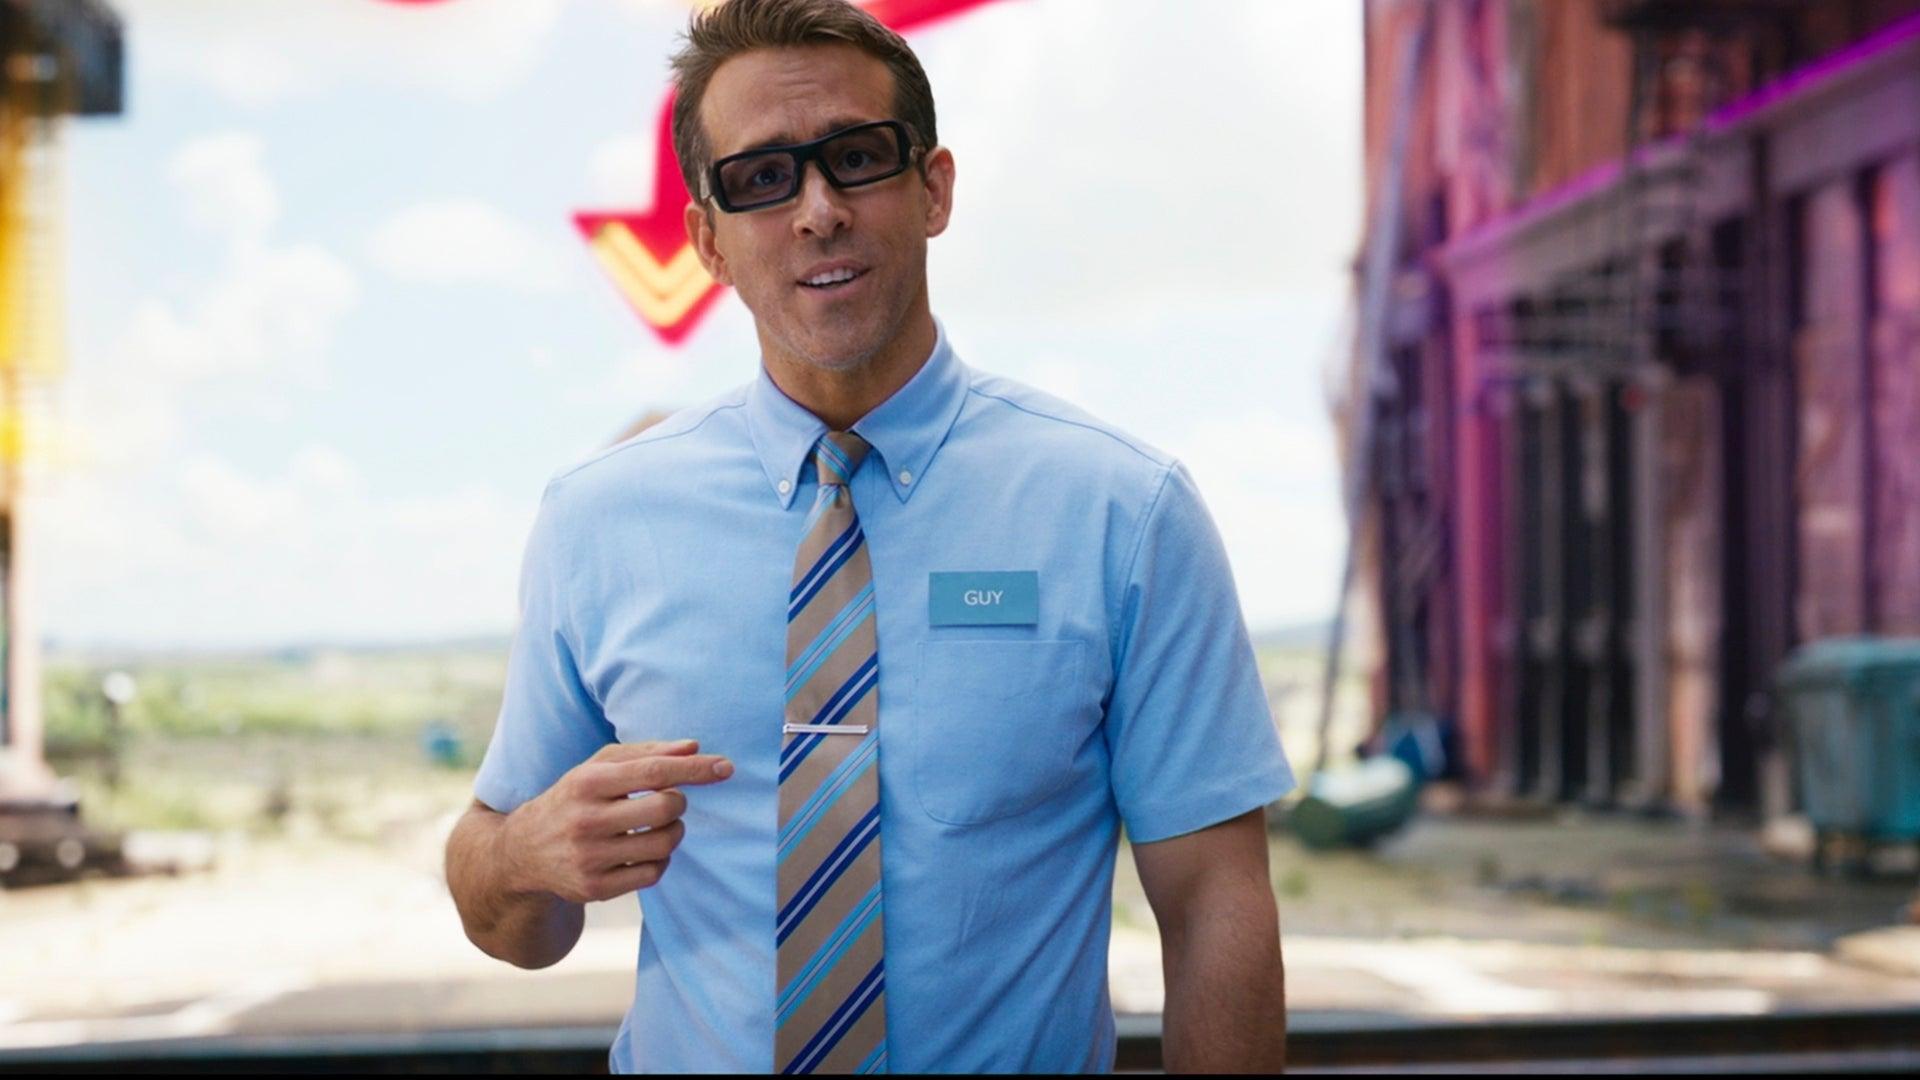 Cena do filme Free Guy em que Ryan Reynolds está ao centro. Ele é um homem branco de cabelos castanhos cortados com um ligeiro topete, usa óculos de armação preta, camisa social azul, gravata listrada de tons azuis e bege, e tem um crachá no peito. Sua expressão é abobada. Ao fundo há um horizonte com céu azul, e no canto direito há um prédio roxo.